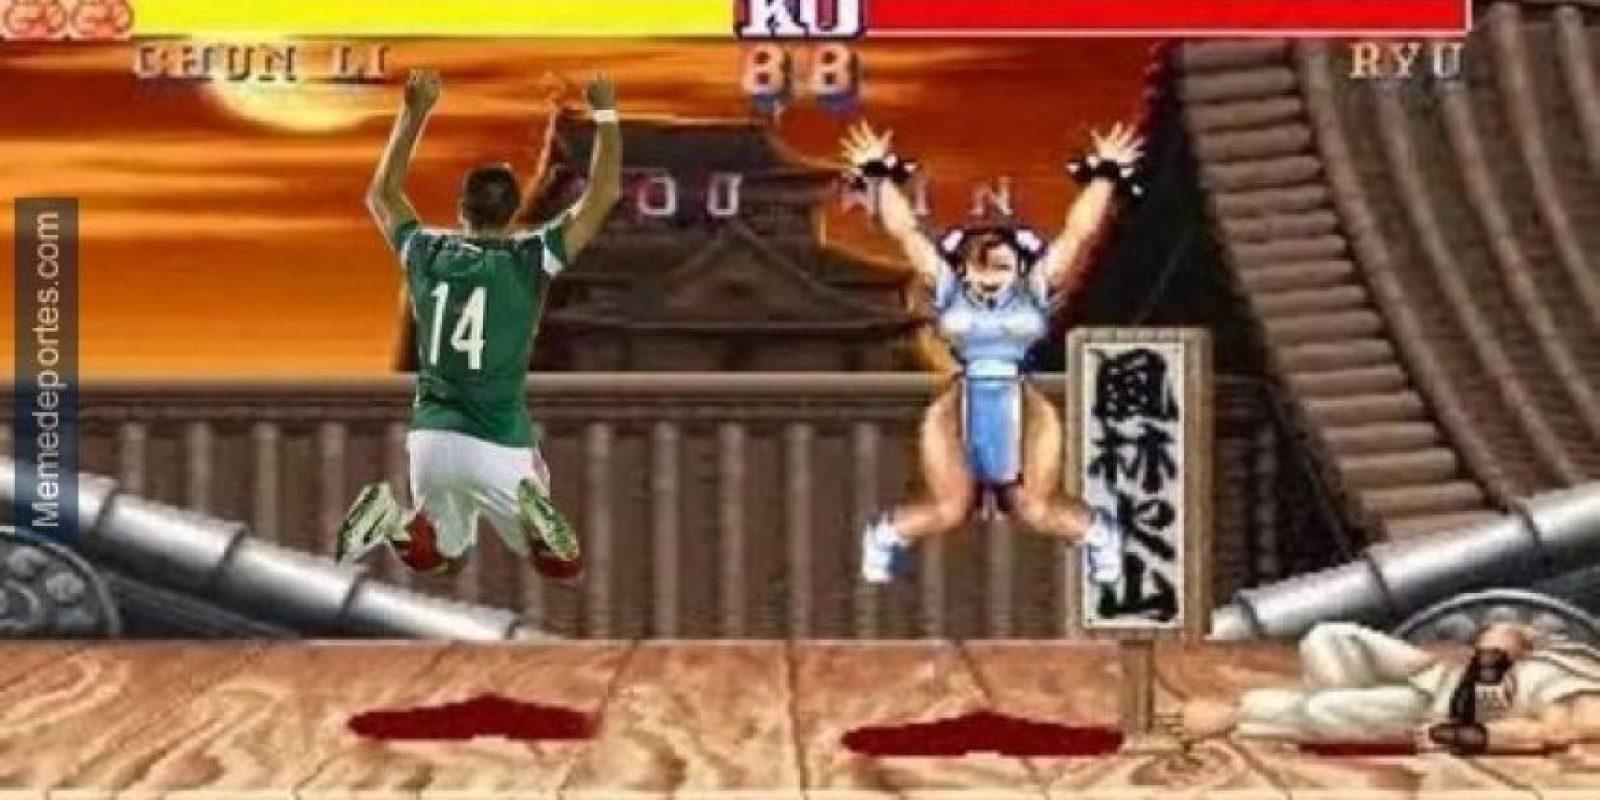 4. Un gol con la selección mexicana también provocó algunos memes Foto:memedeportes